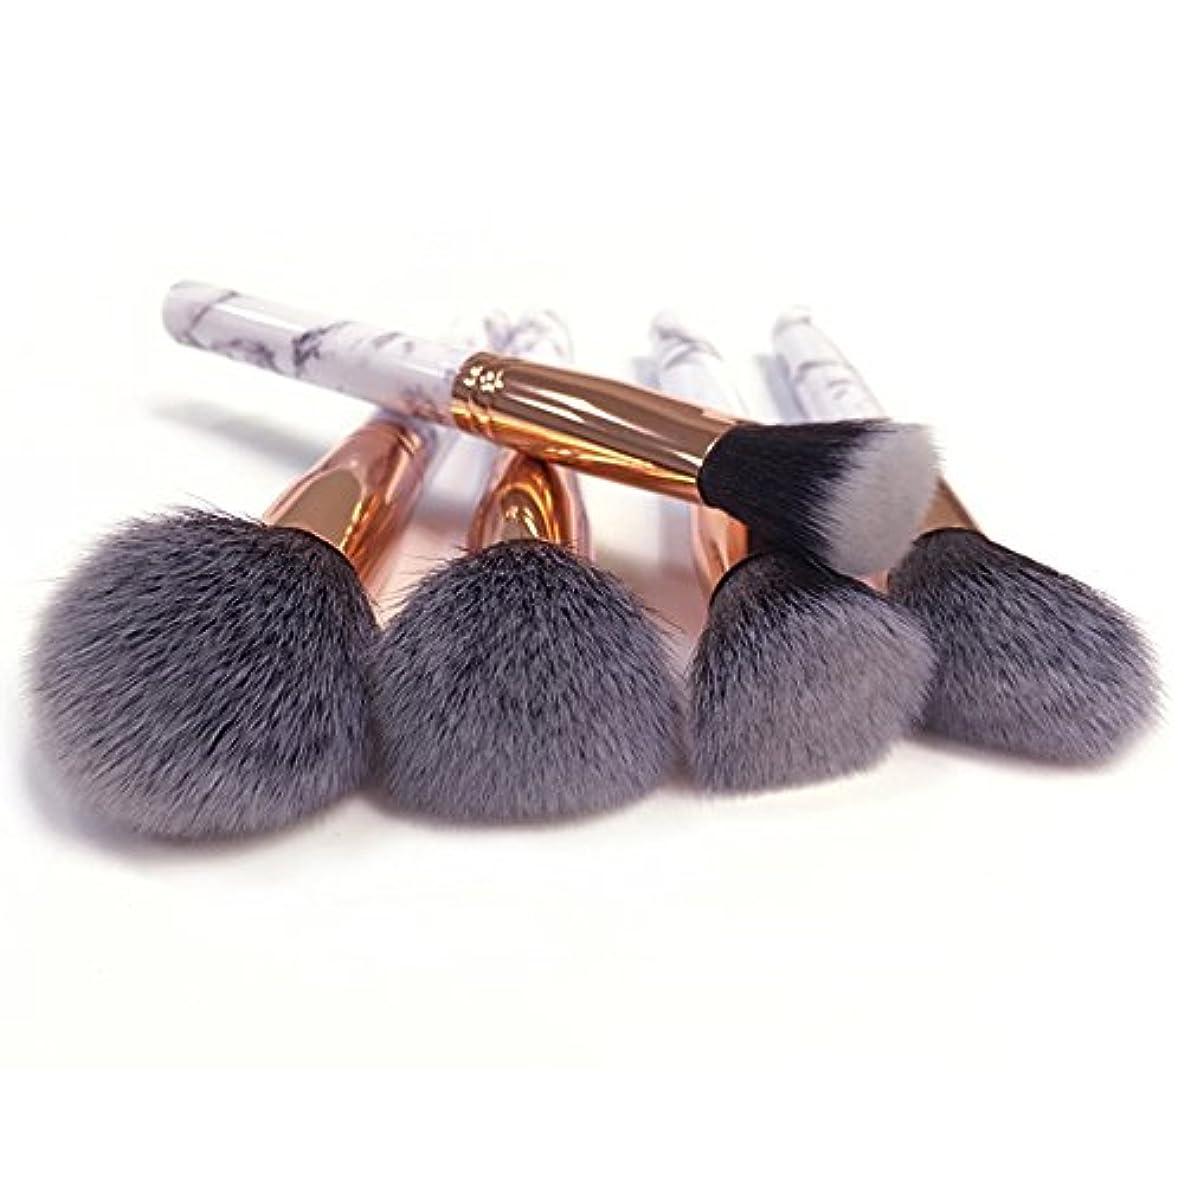 訪問乱雑なミリメーターAkane 10本 大理石紋 超気質的 セート 多機能 柔らかい たっぷり 高級 優雅 綺麗 魅力 上等な使用感 激安 日常 仕事 おしゃれ Makeup Brush メイクアップブラシ